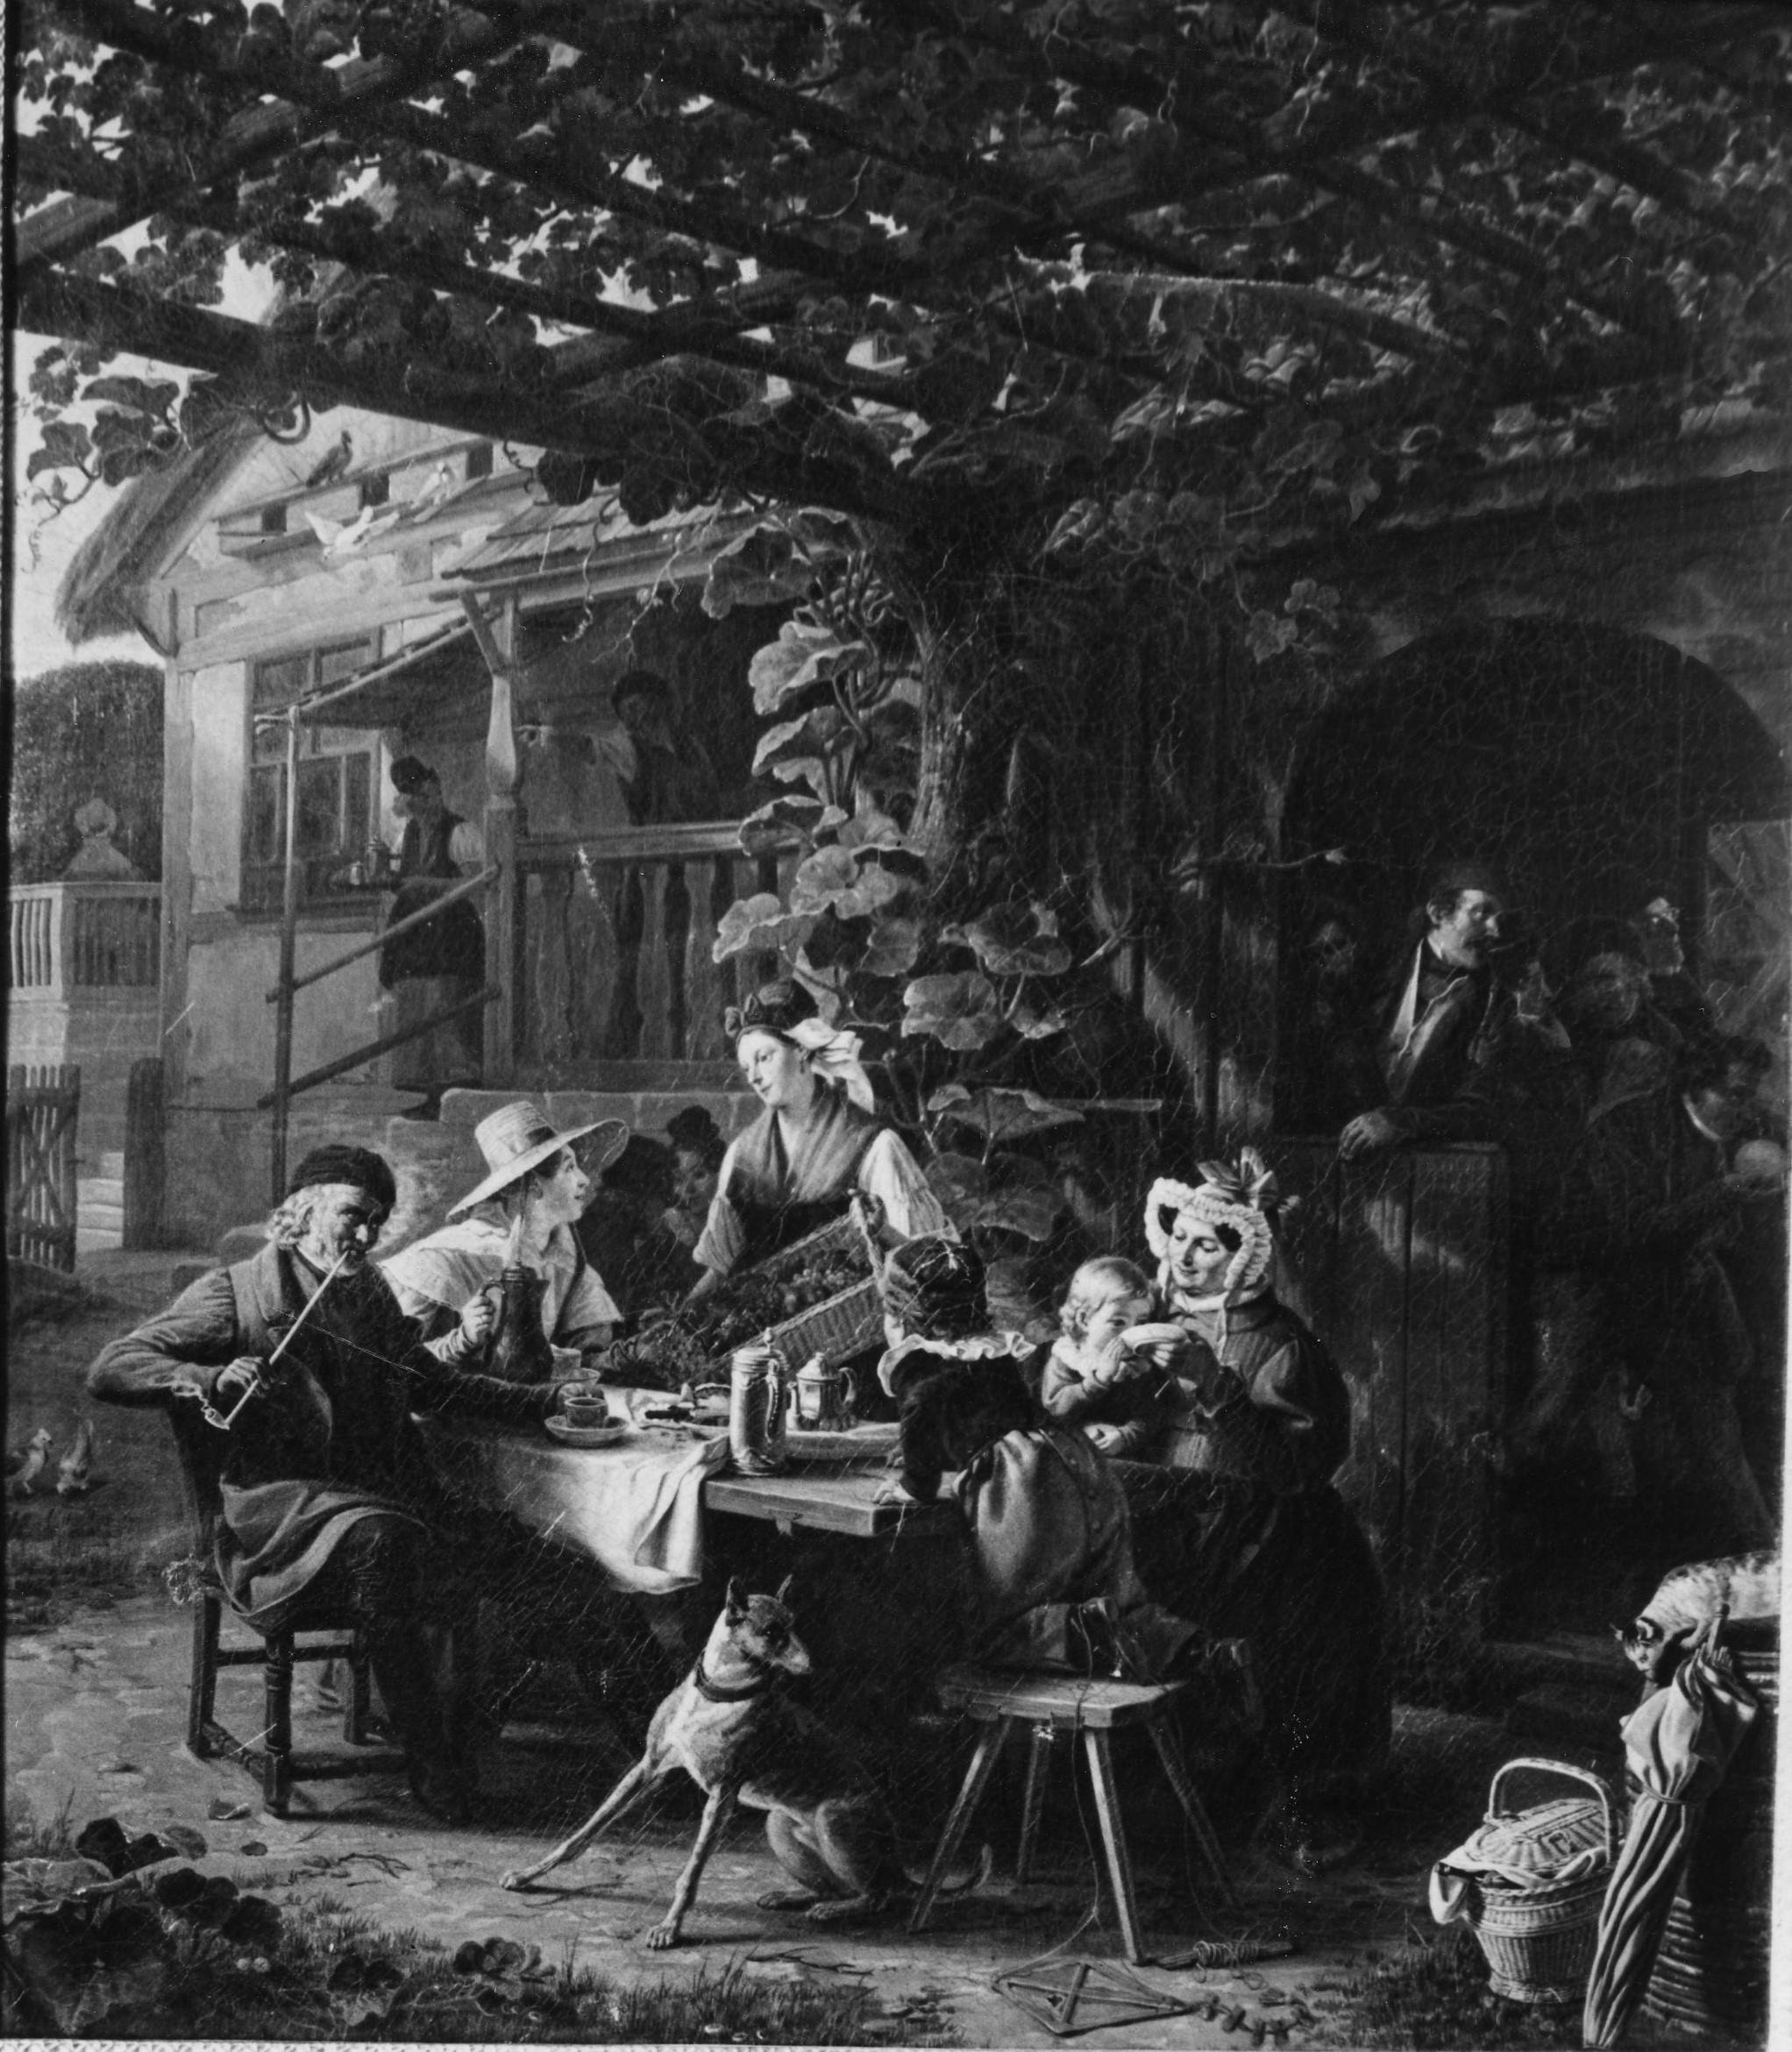 Ludwig Most, Saska karczma z kręgielnią, 1834, olej na płótnie, zdjęcie archiwalne, Muzeum Narodowe w Szczecinie